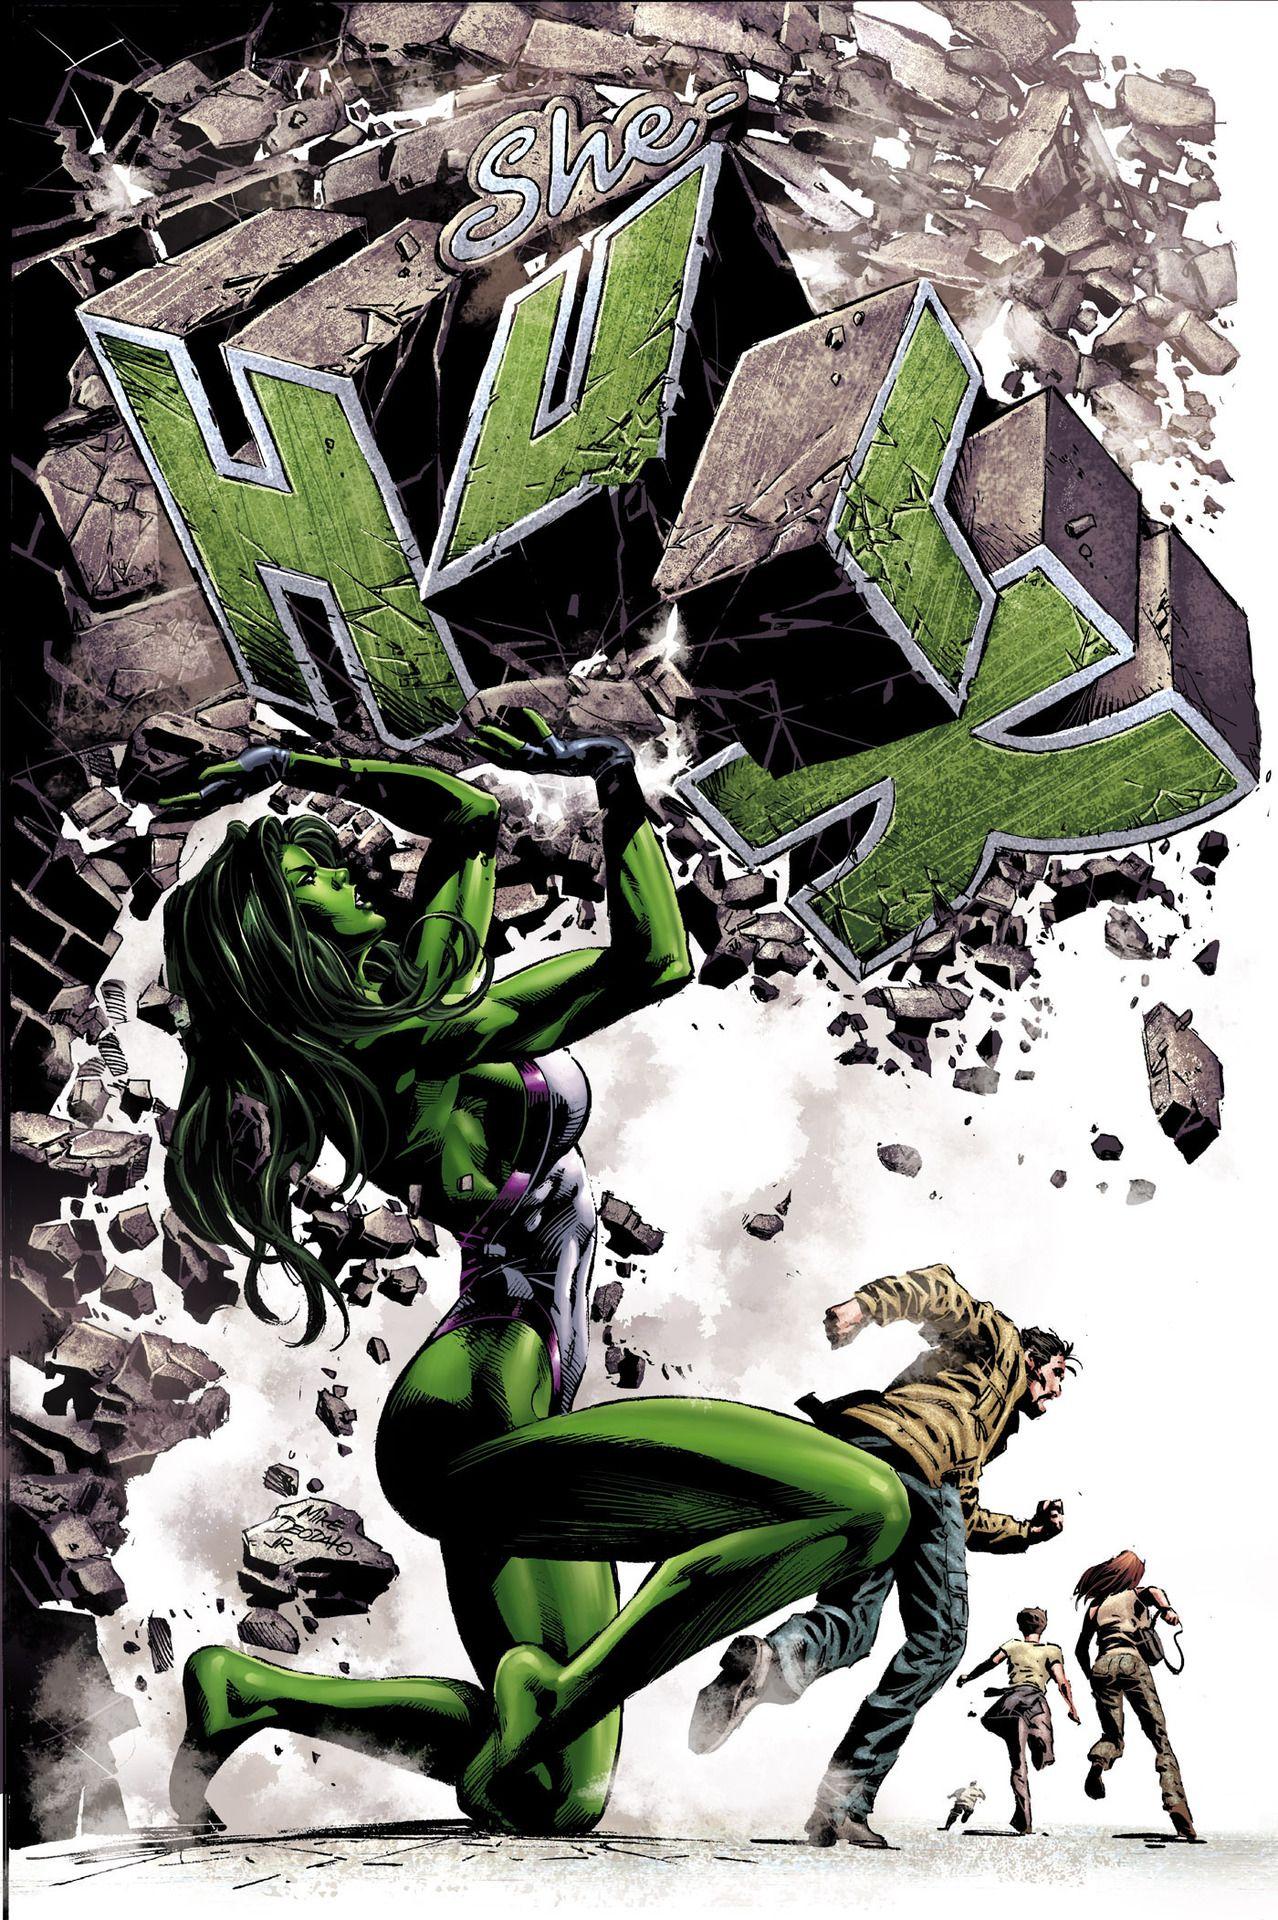 She-Hulk - YouTube